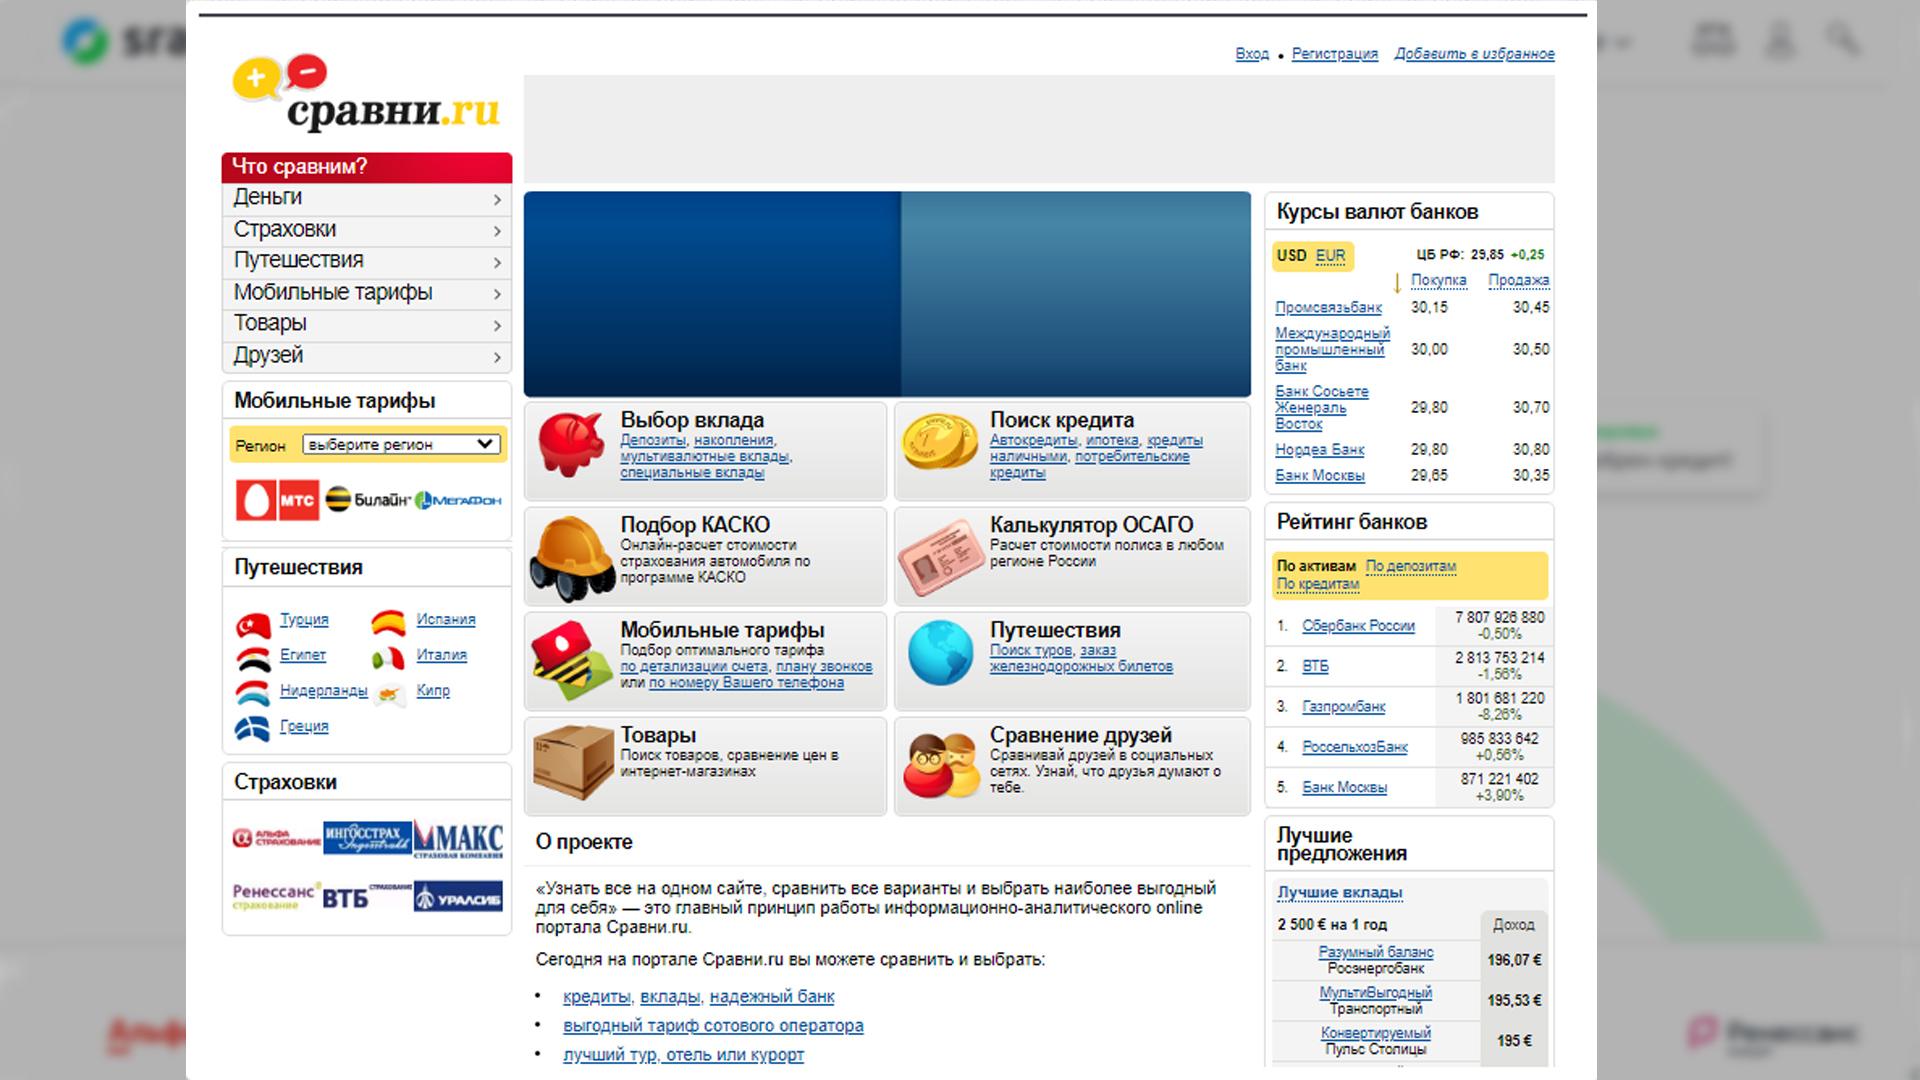 Дизайн сайта sravni.ru  в начале своей работы.